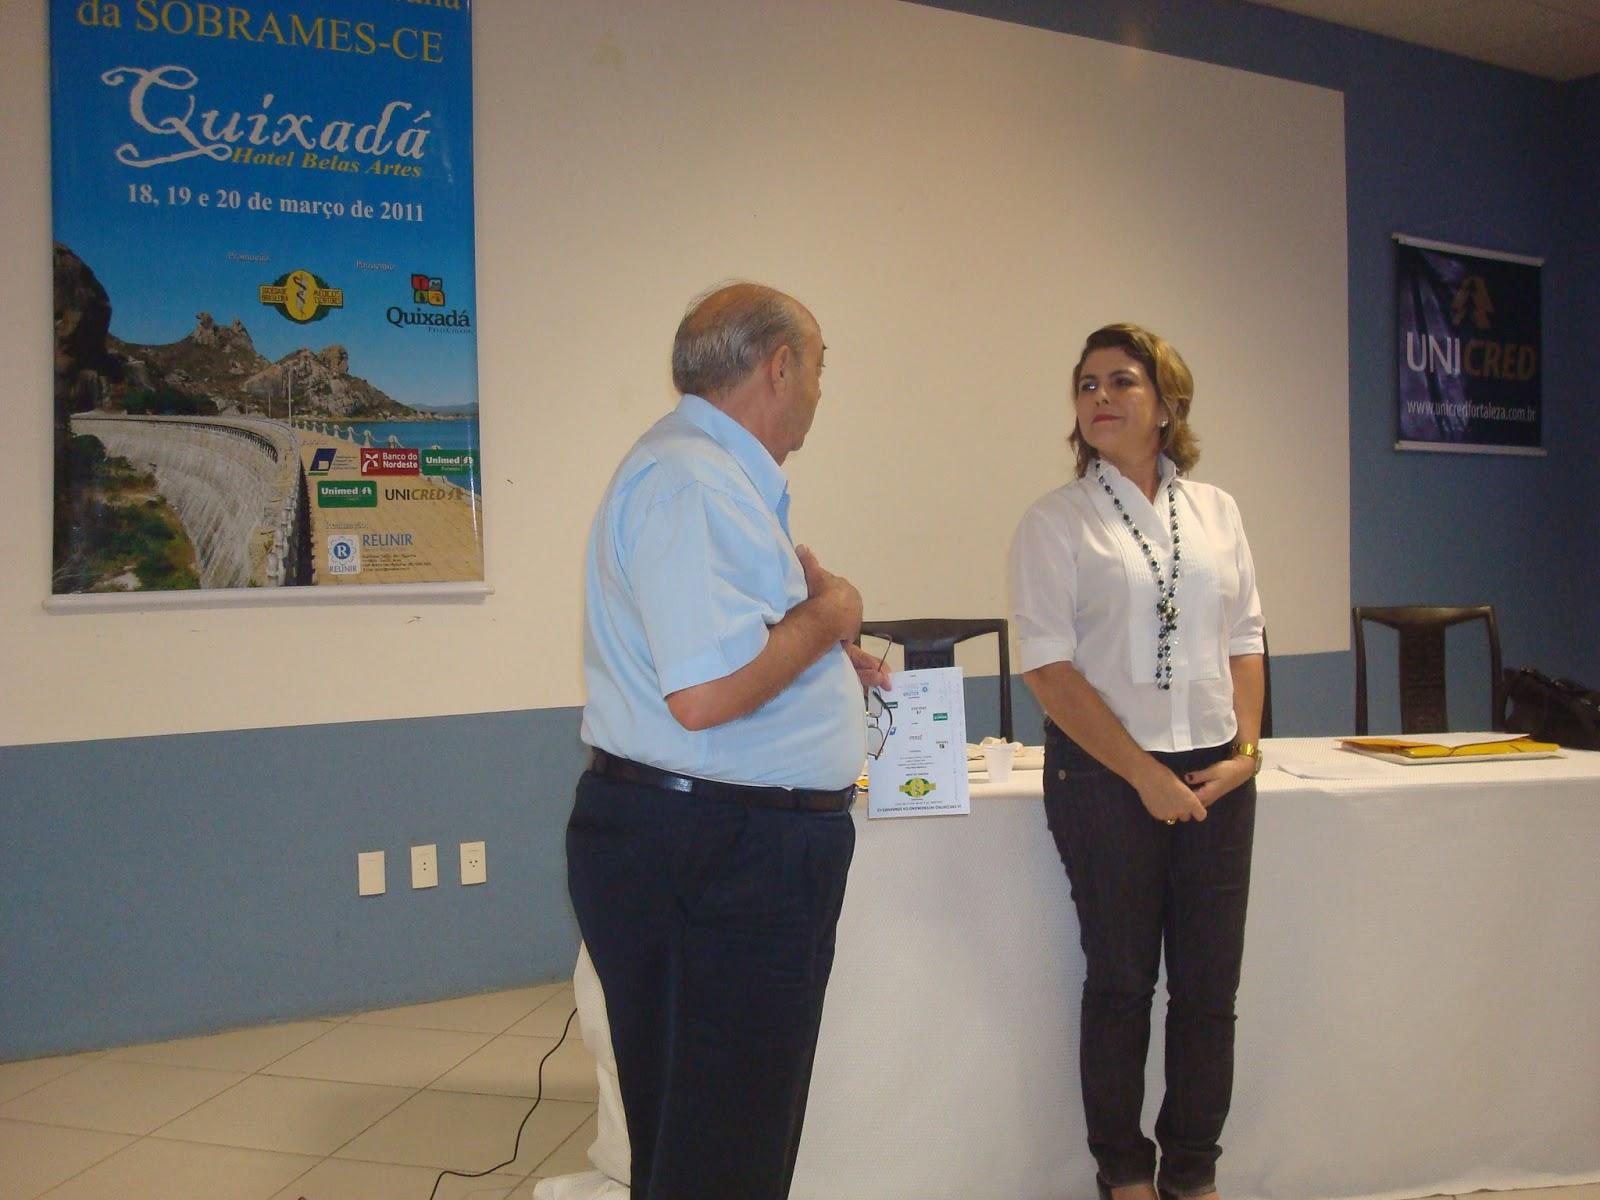 Encontro da SOBRAMES - Sociedade Brasileira dos Médicos escritores em Quixadá, 2010